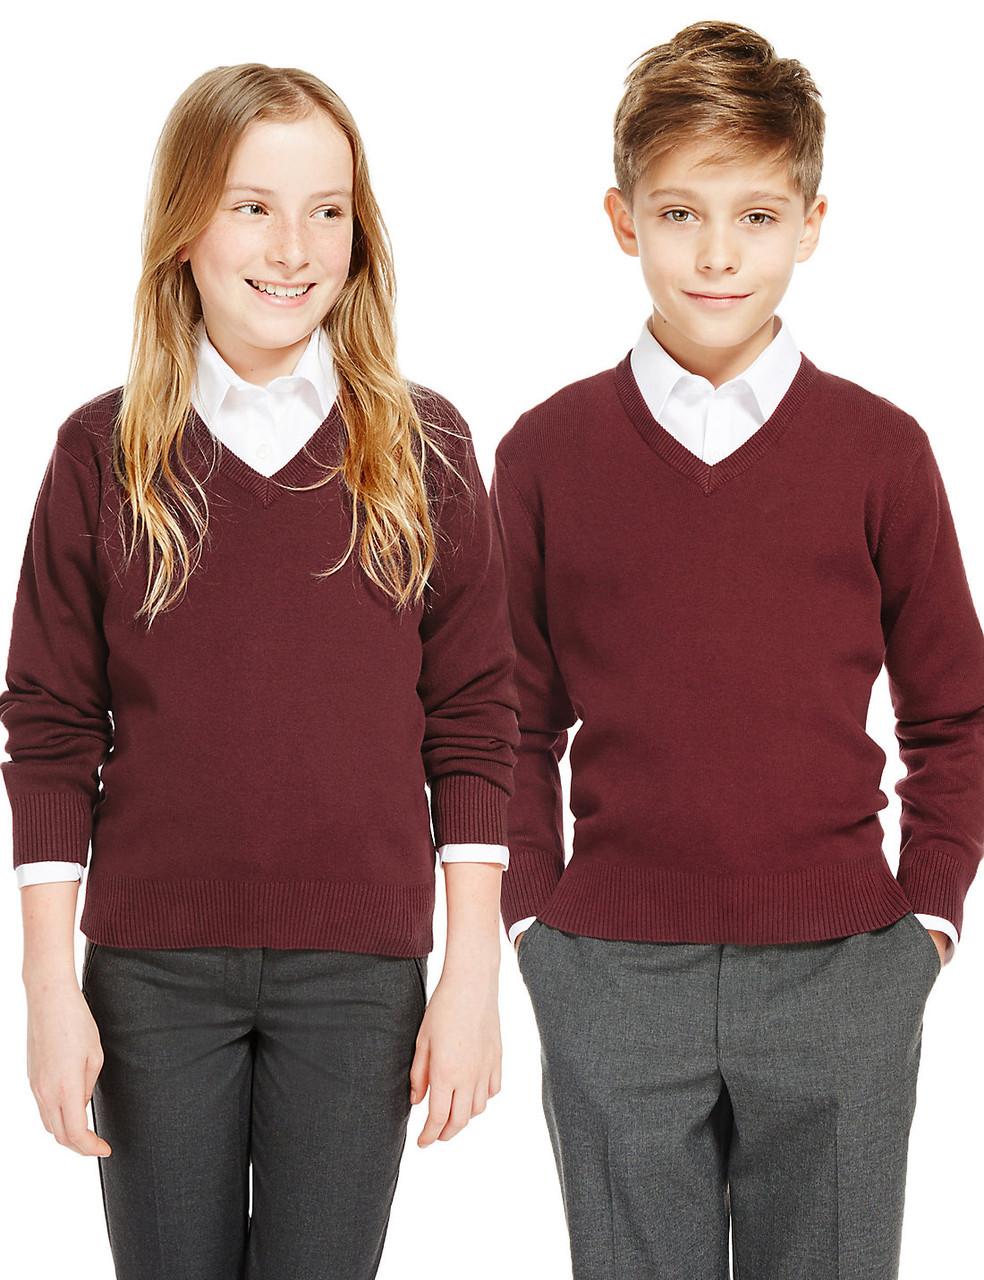 Школьный джемпер бордовый на мальчика 6-7-8-9-10 лет George (Aнглия)